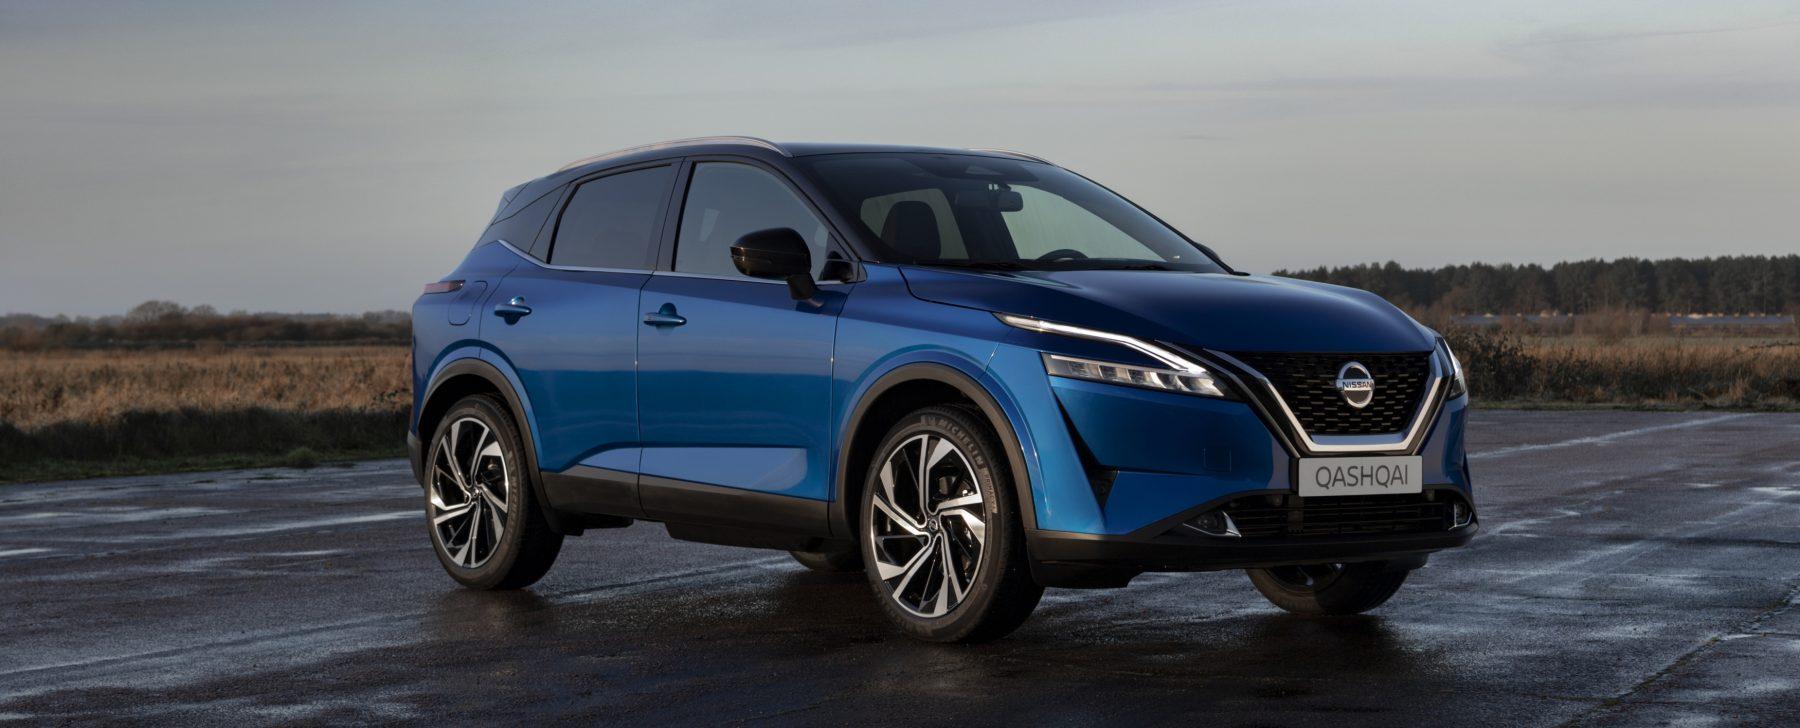 El nuevo Nissan Qashqai ya tiene precio: desde 25.650 euros